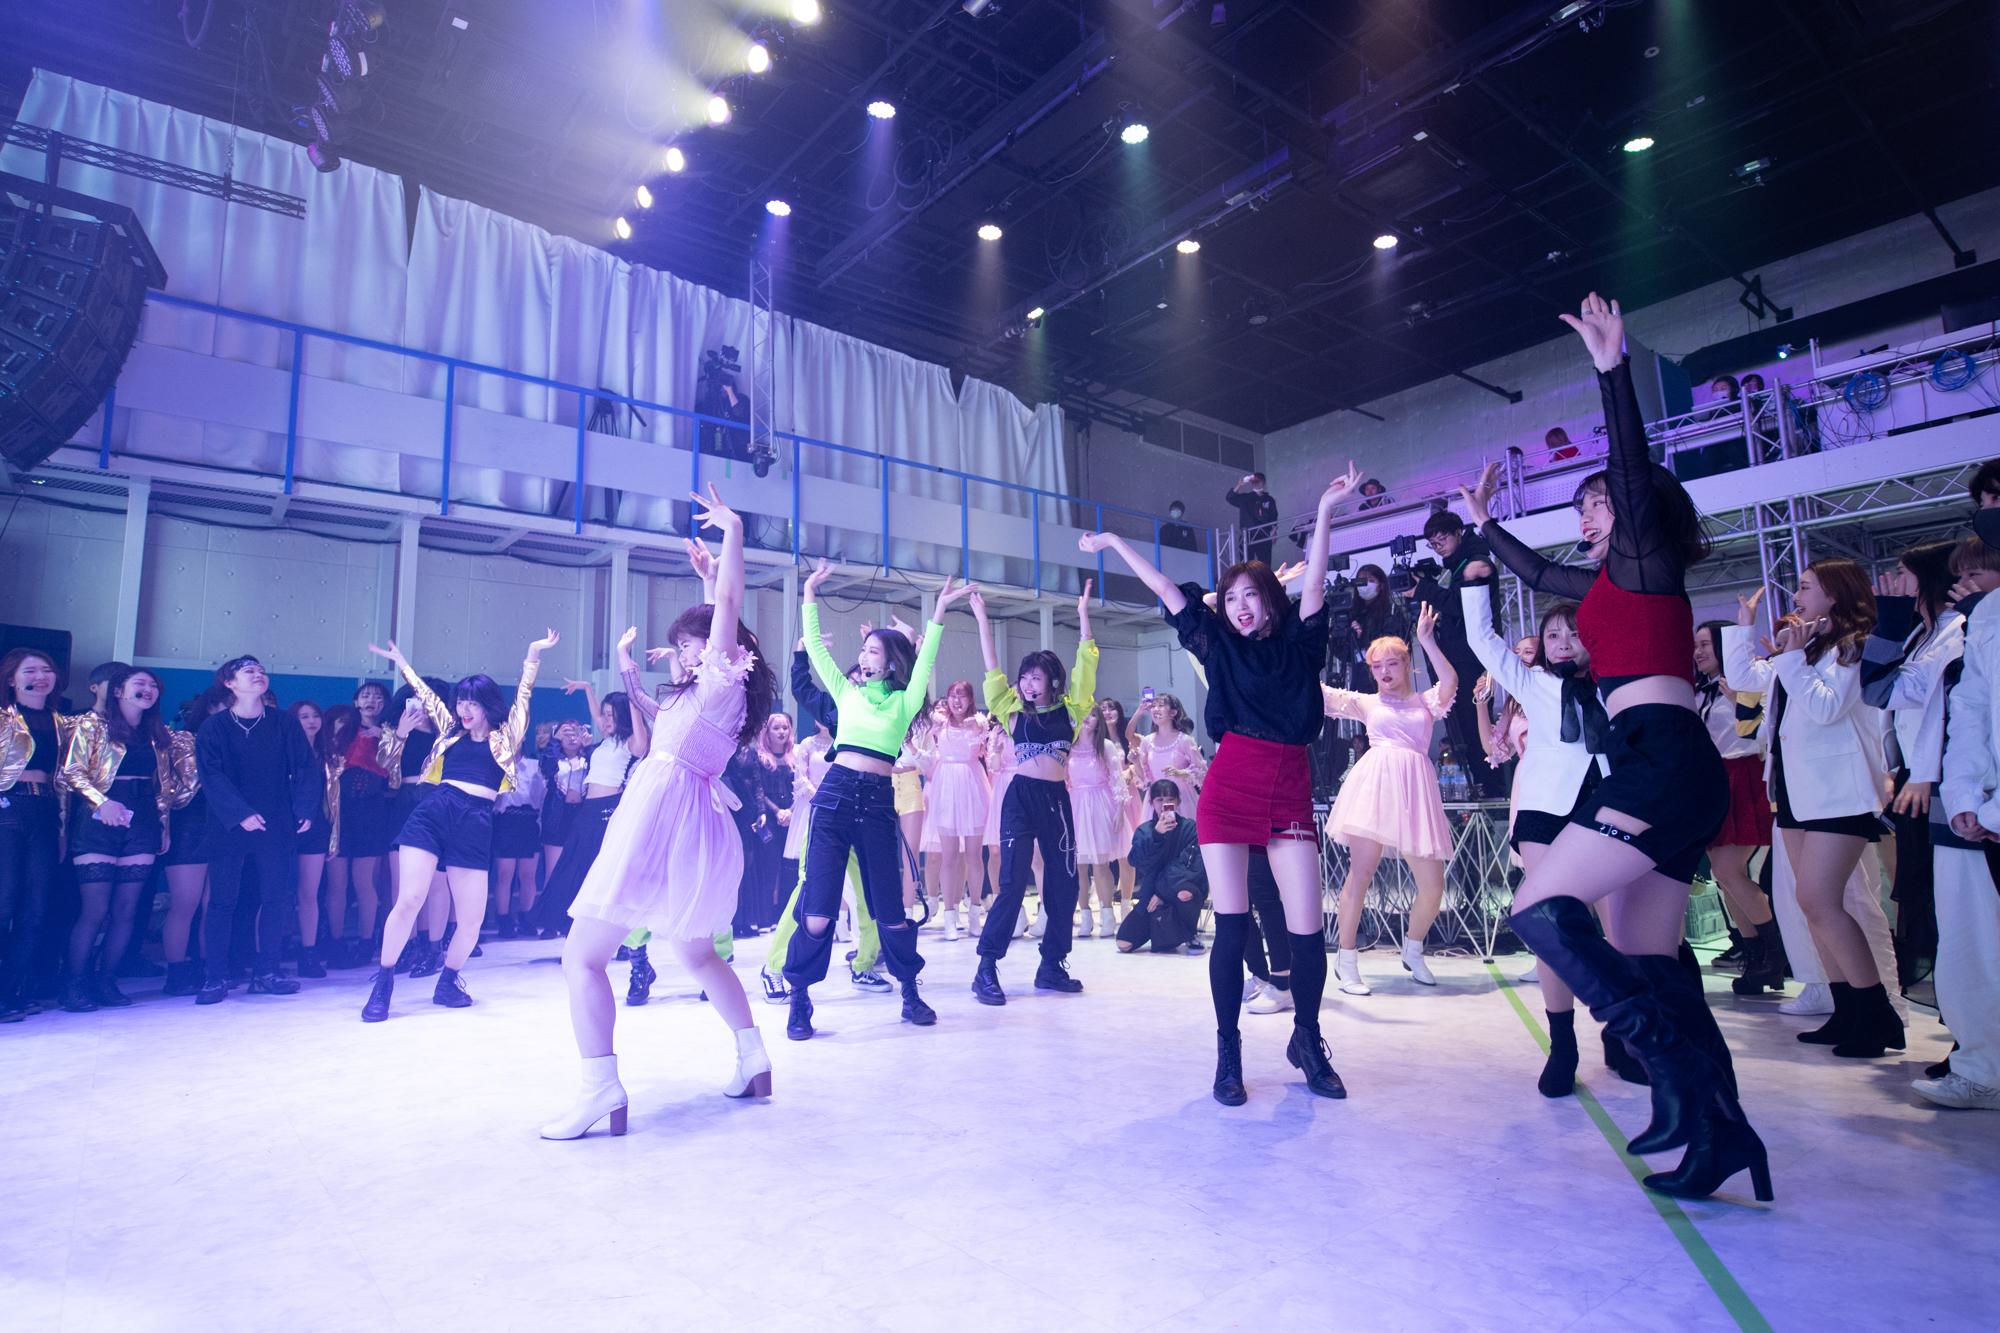 DJタイムに「ランダムダンス」を楽しむ参加者たち